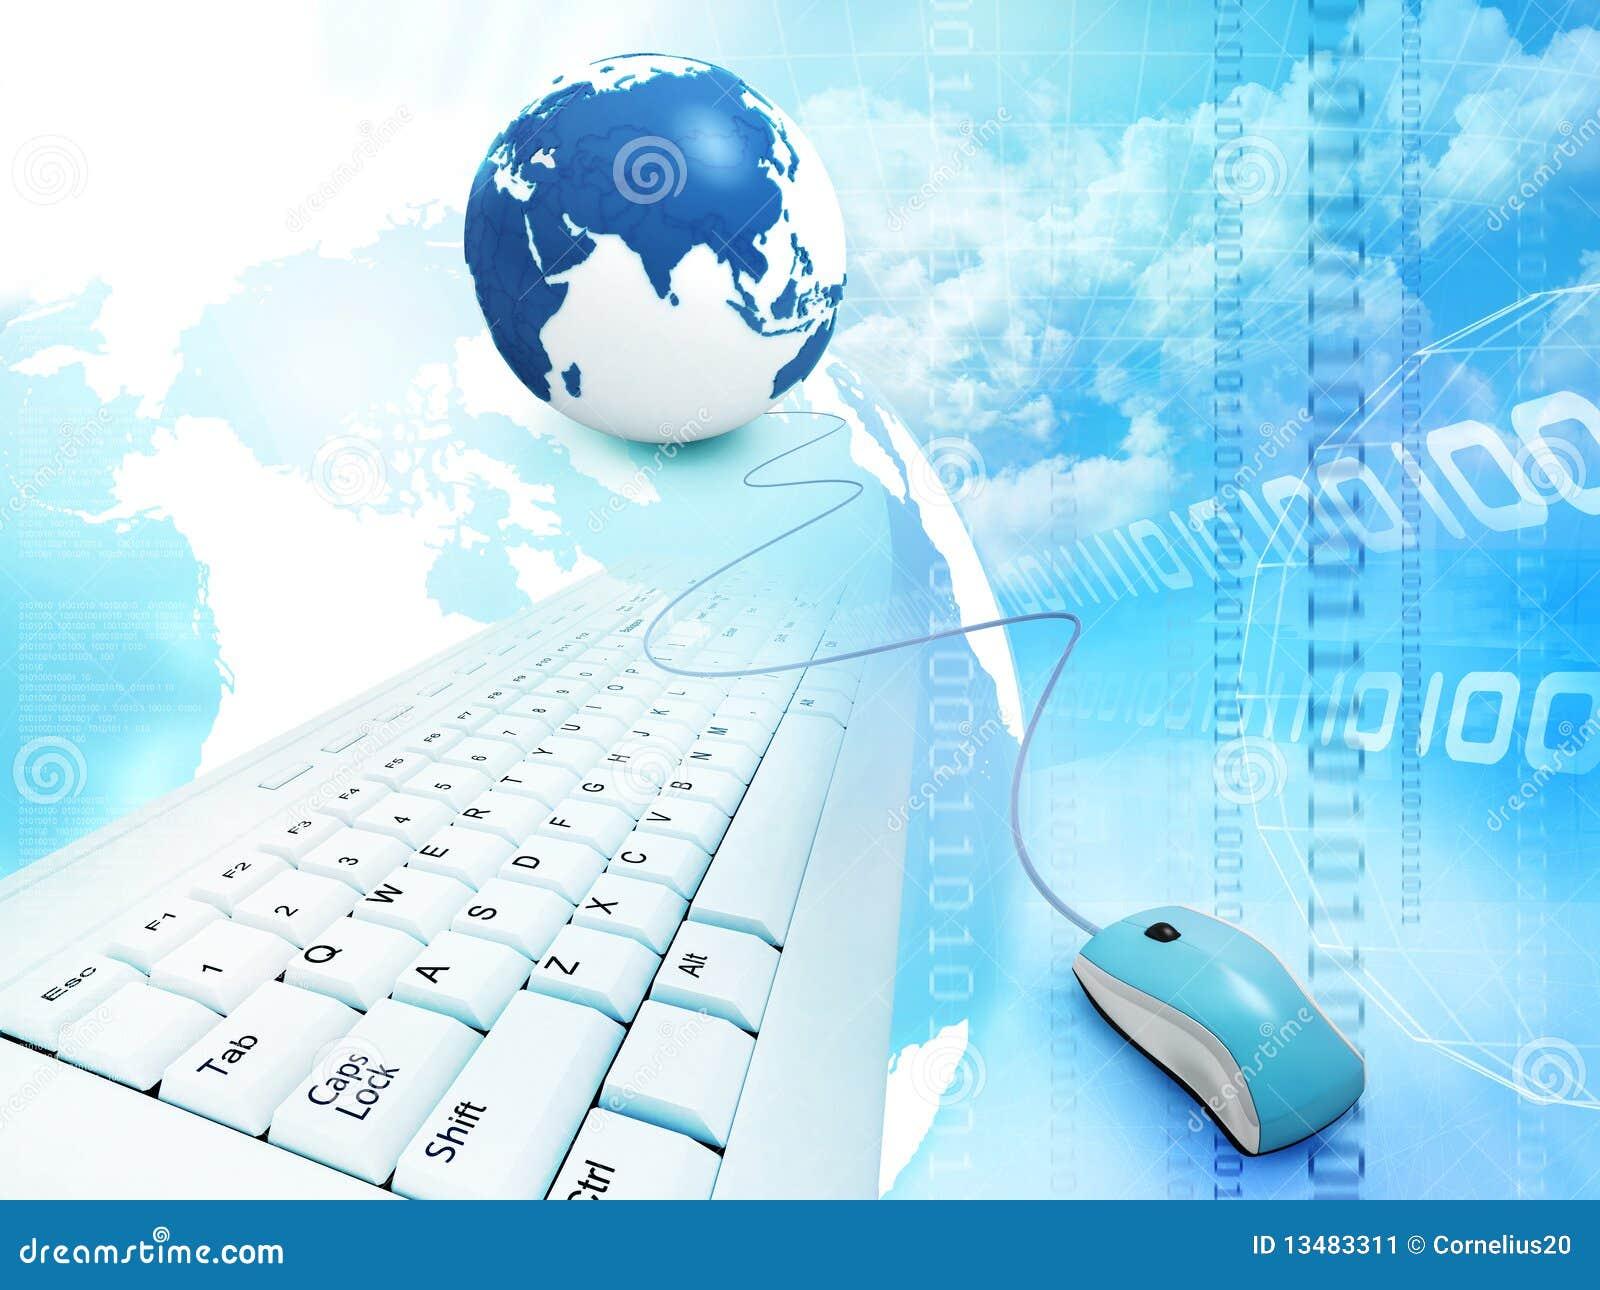 抽象蓝色构思设计互联网.图片